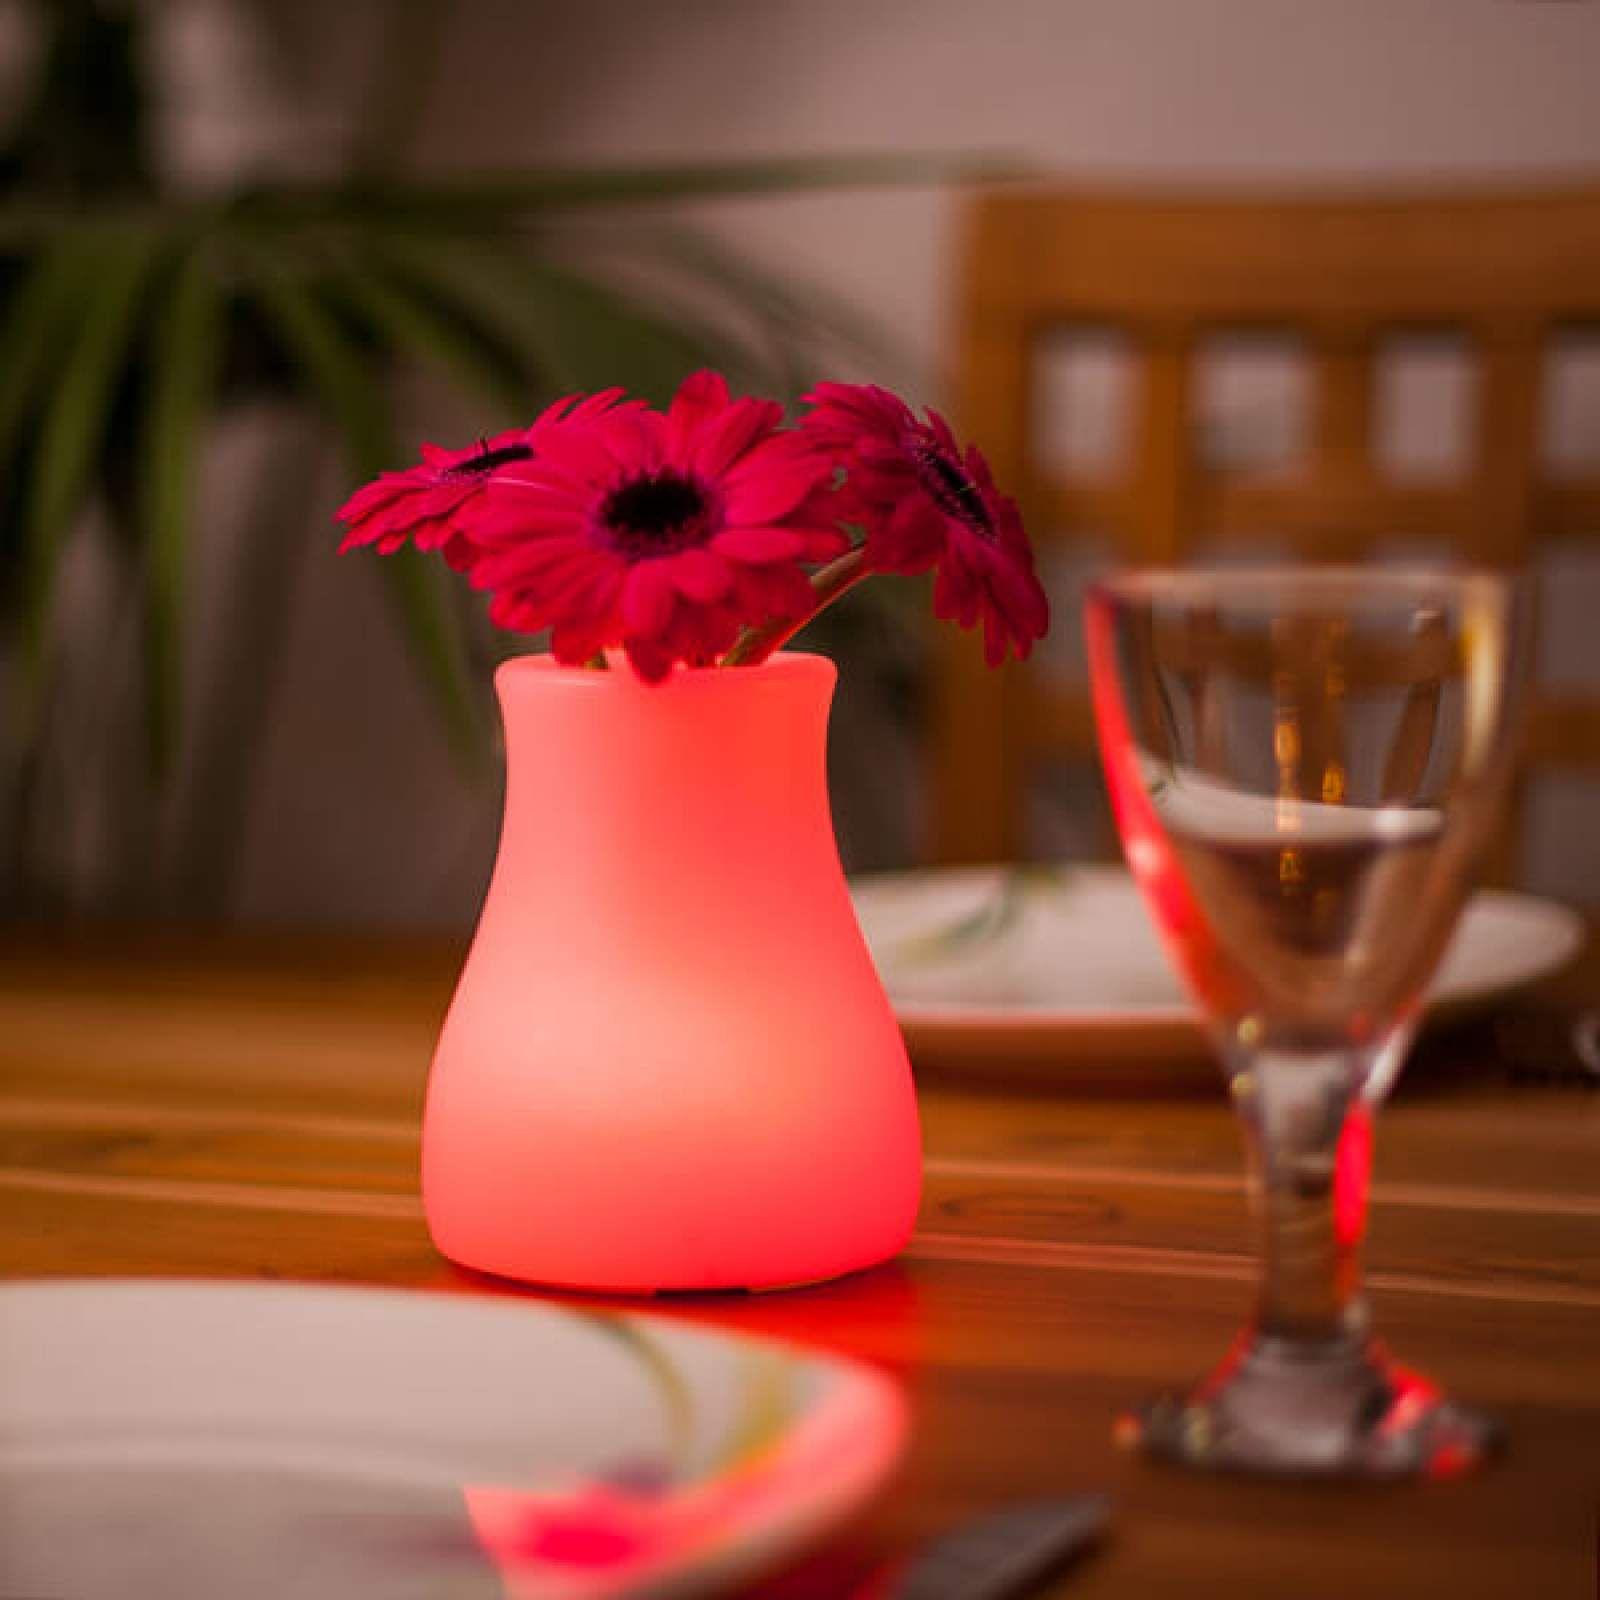 Olio - steuerbare LED-Lichtquelle und Vase